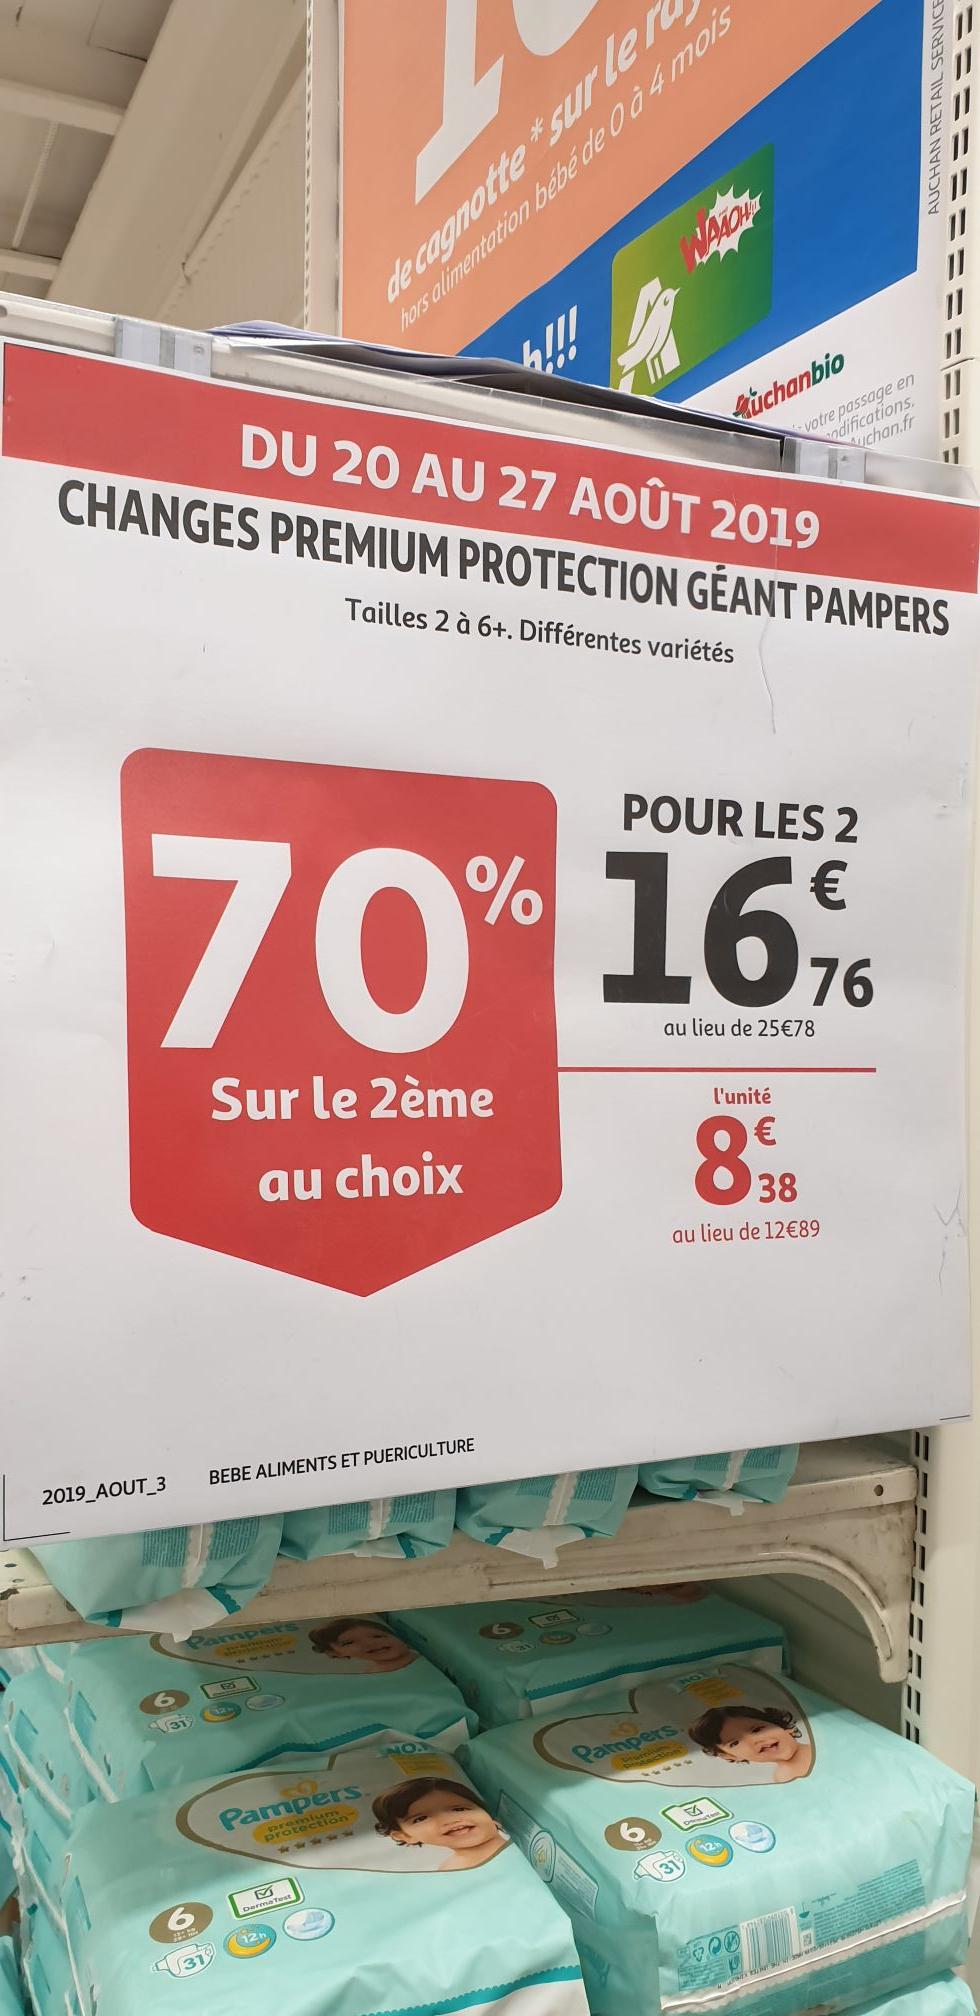 Lot de 2 paquets de Couches Pampers premium protection (Plusieurs variétés) -  Balma Gramond  (31)